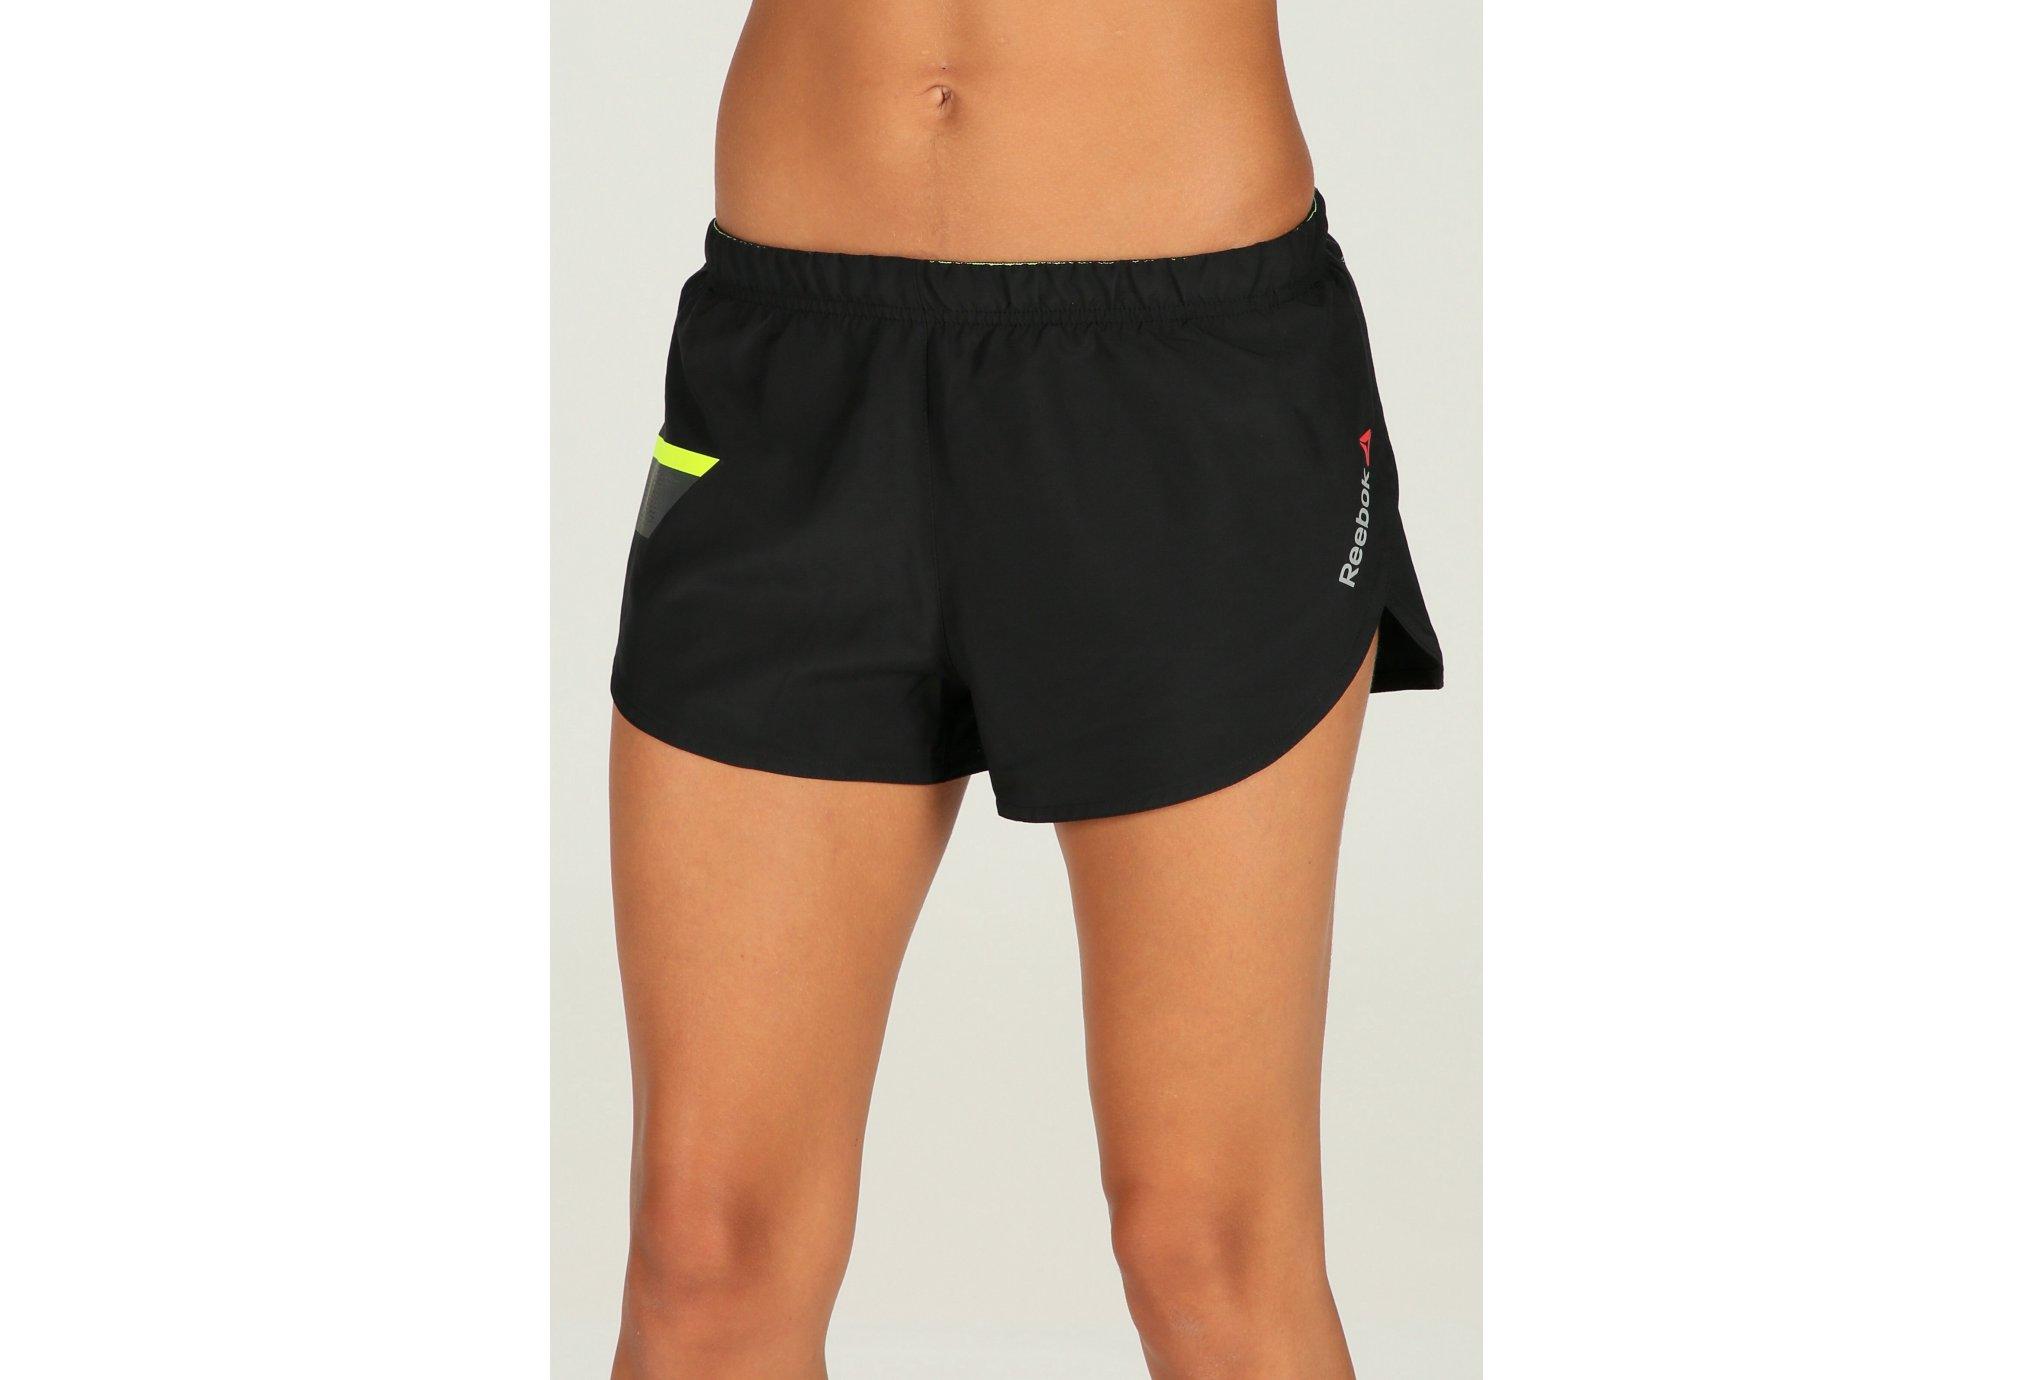 Reebok Short One Series W vêtement running femme